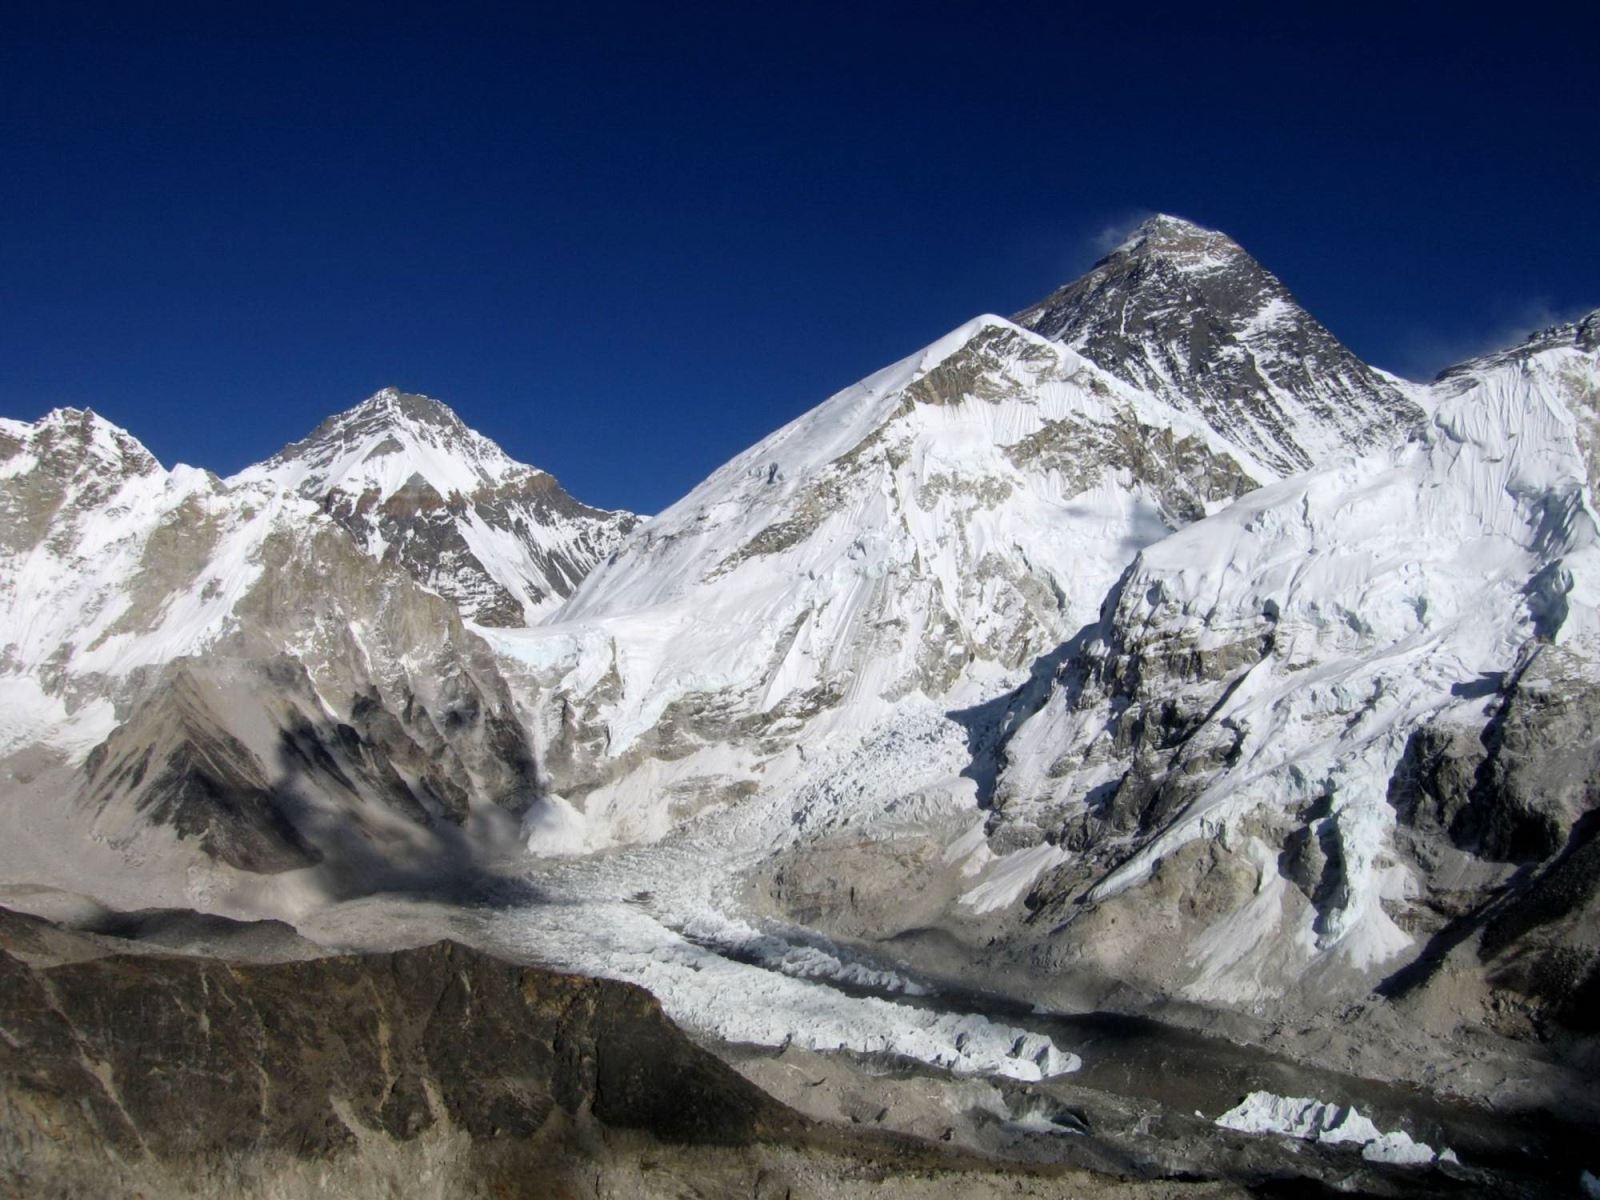 Các nhà khoa học biến đỉnh Everest thành phòng thí nghiệm khổng lồ - xổ số ngày 31032020